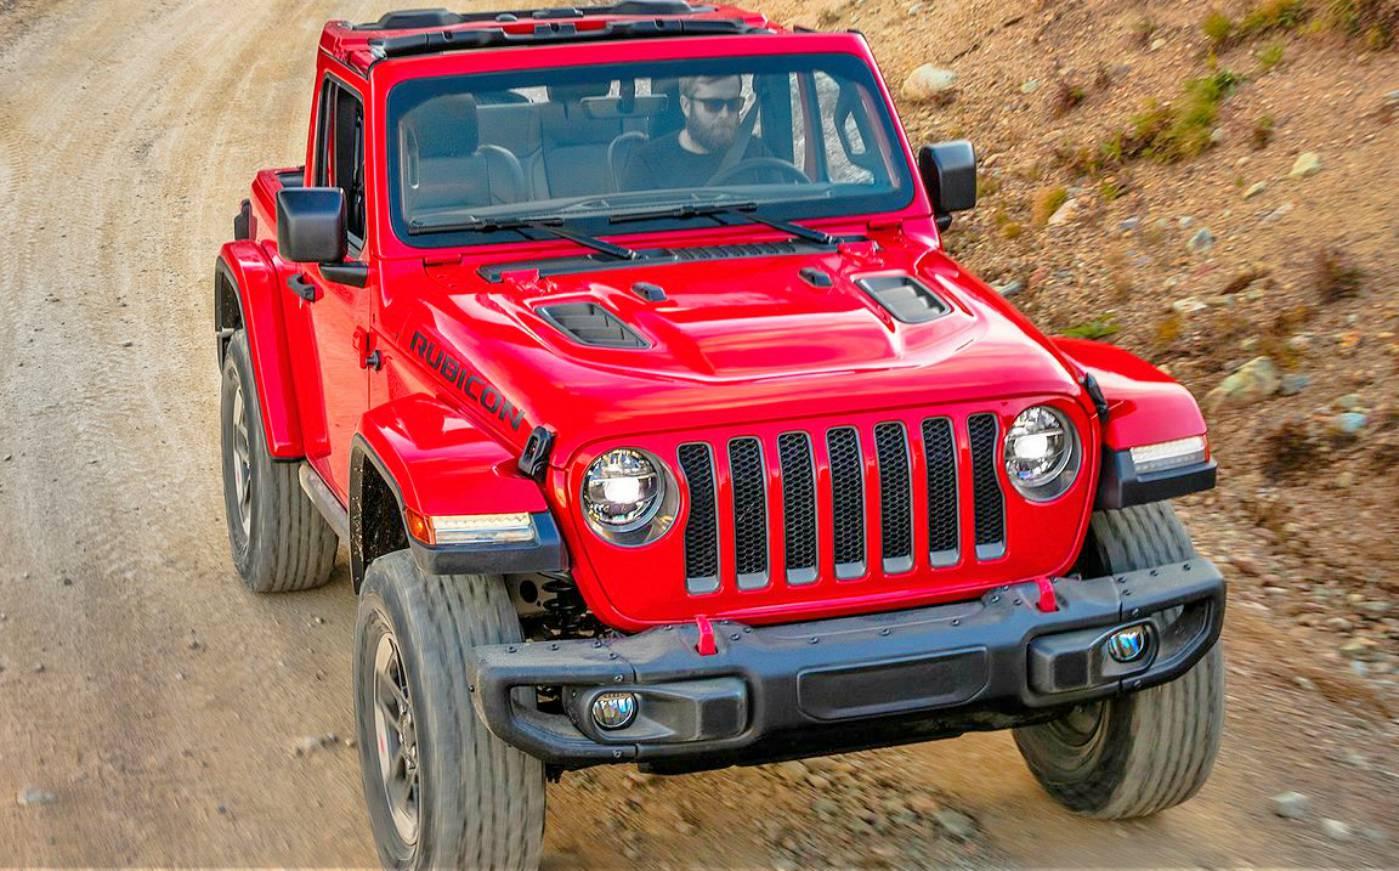 Evolução da Lenda: Novo Jeep Wrangler agora cheio de tecnologia e com novos motores